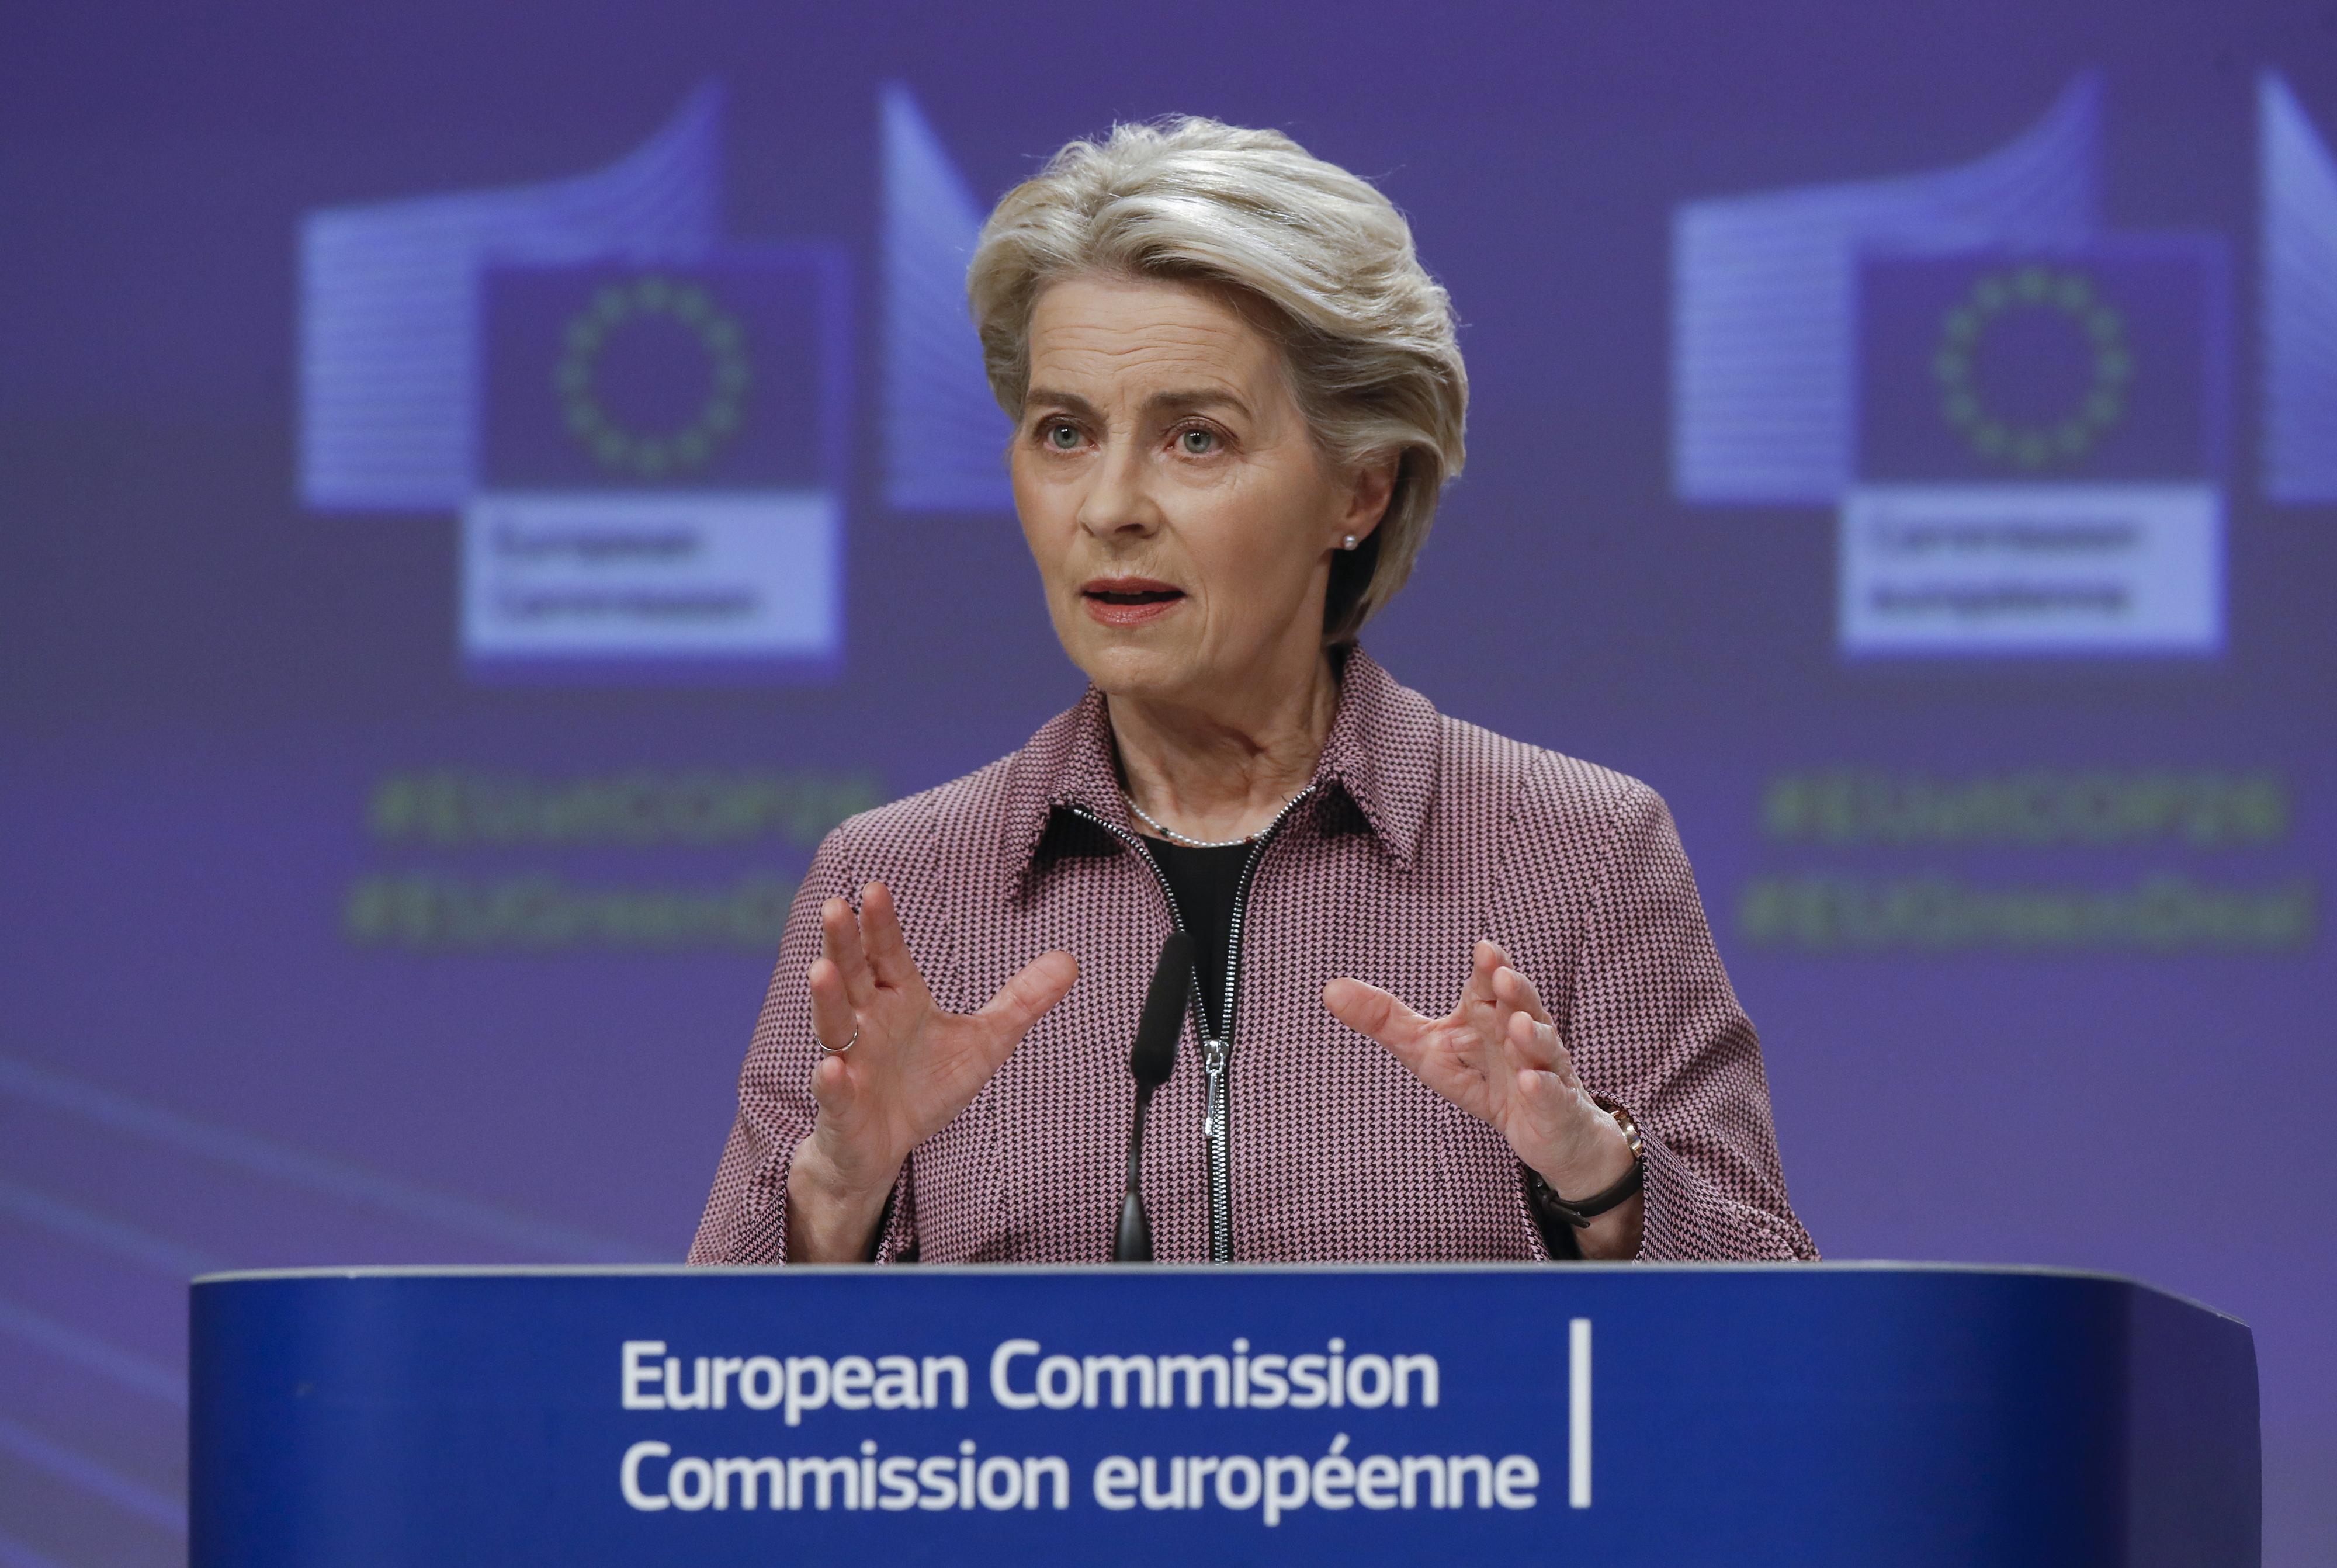 Presidente da Comissão Europeia diz acreditar num acordo para ultrapassar crise